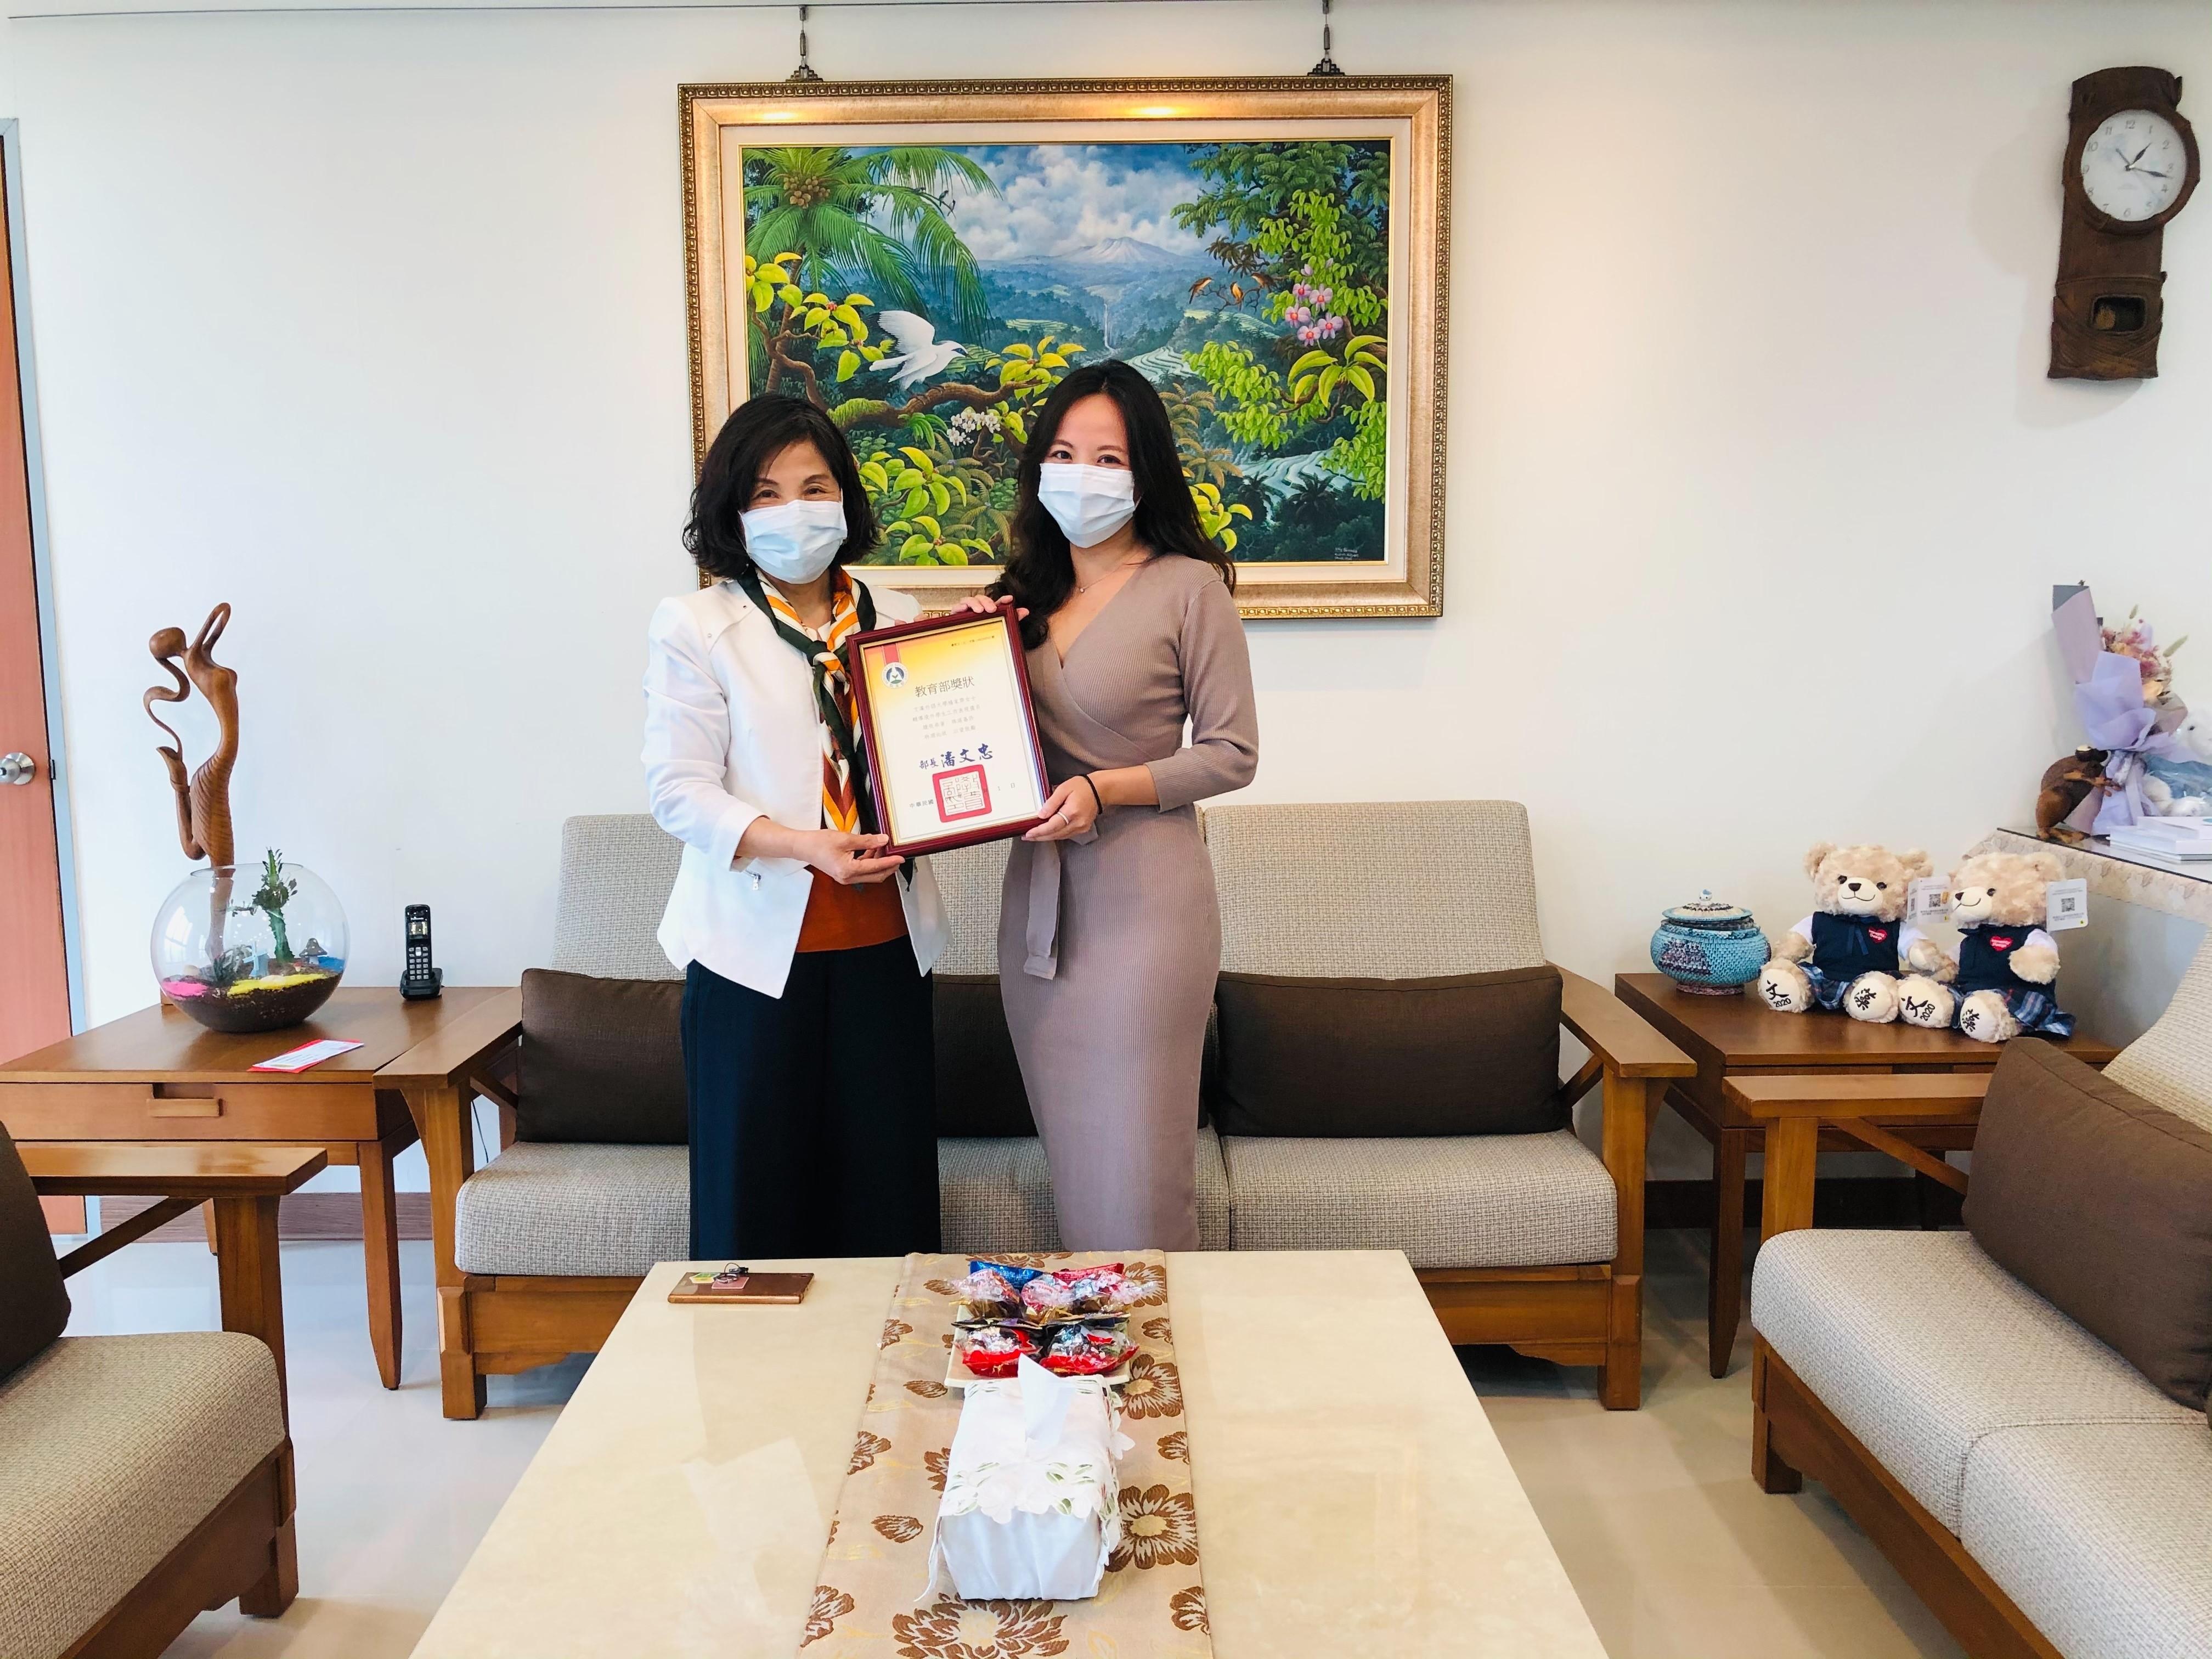 文藻外語大學陳美華校長頒發獎狀予績優輔導人員獲獎者楊家齊女士_大圖